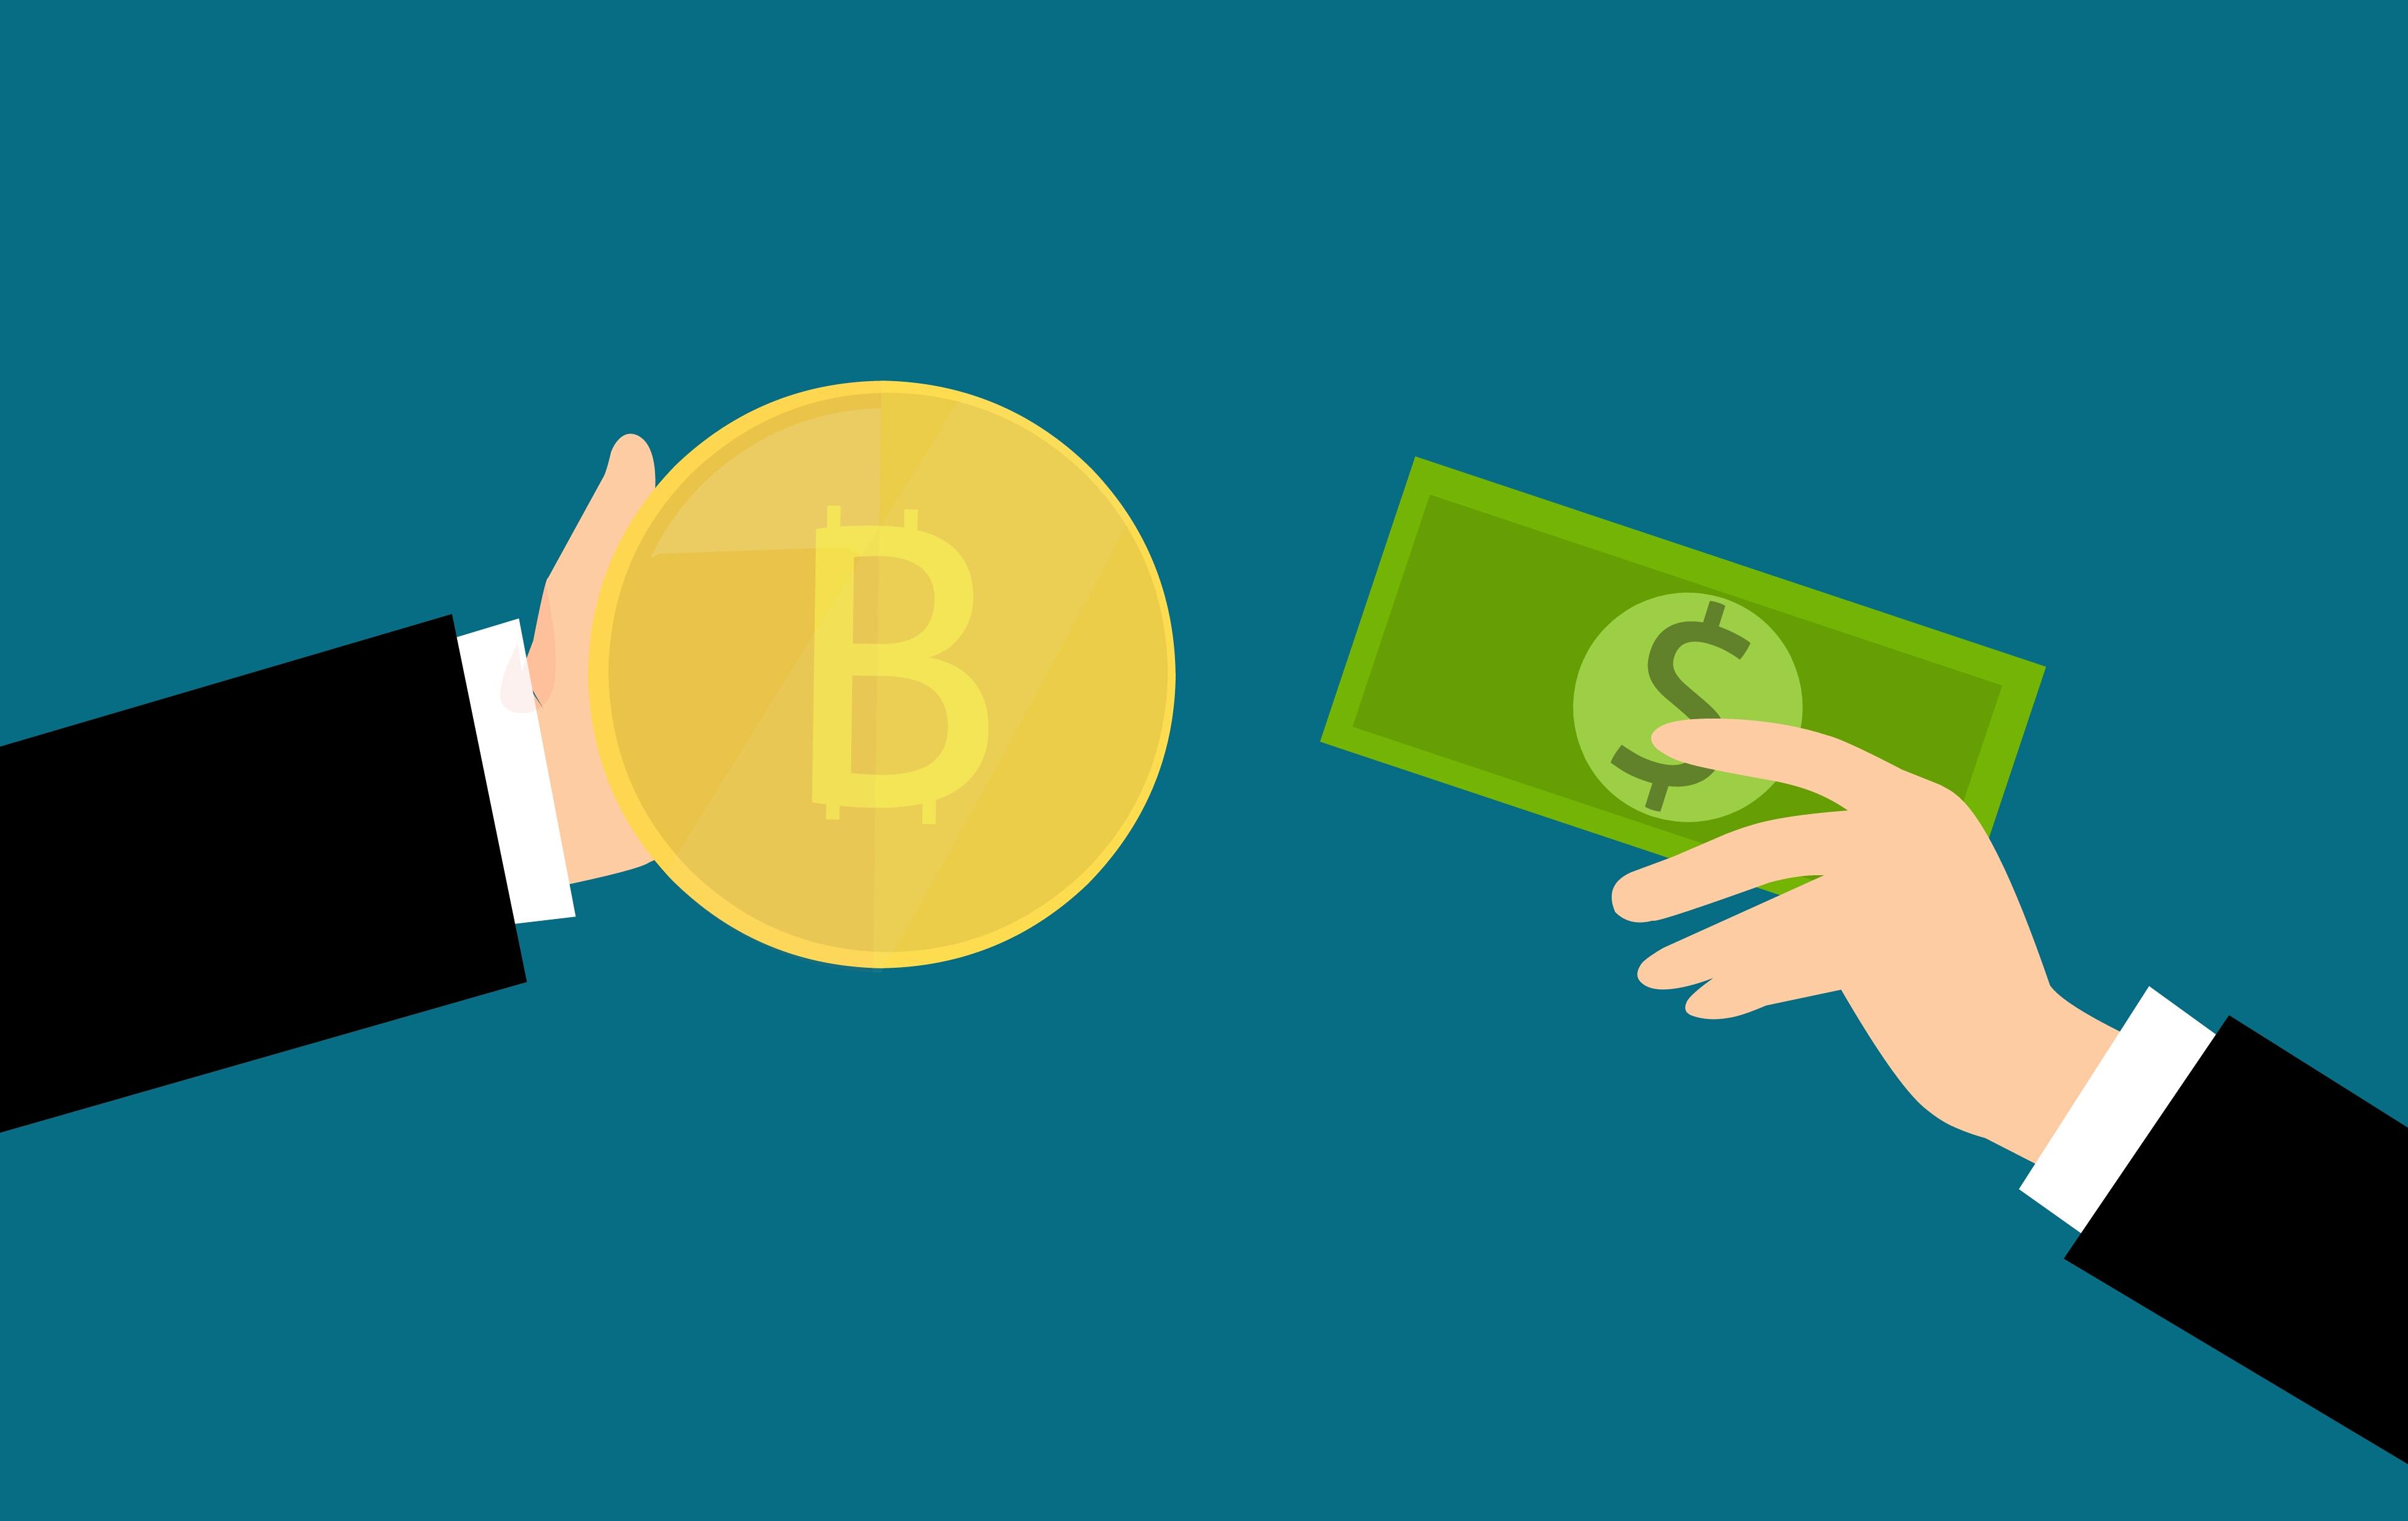 Egyre elterjedtebb a Bitcoin, a digitális fizetőeszköz - Hitelmax